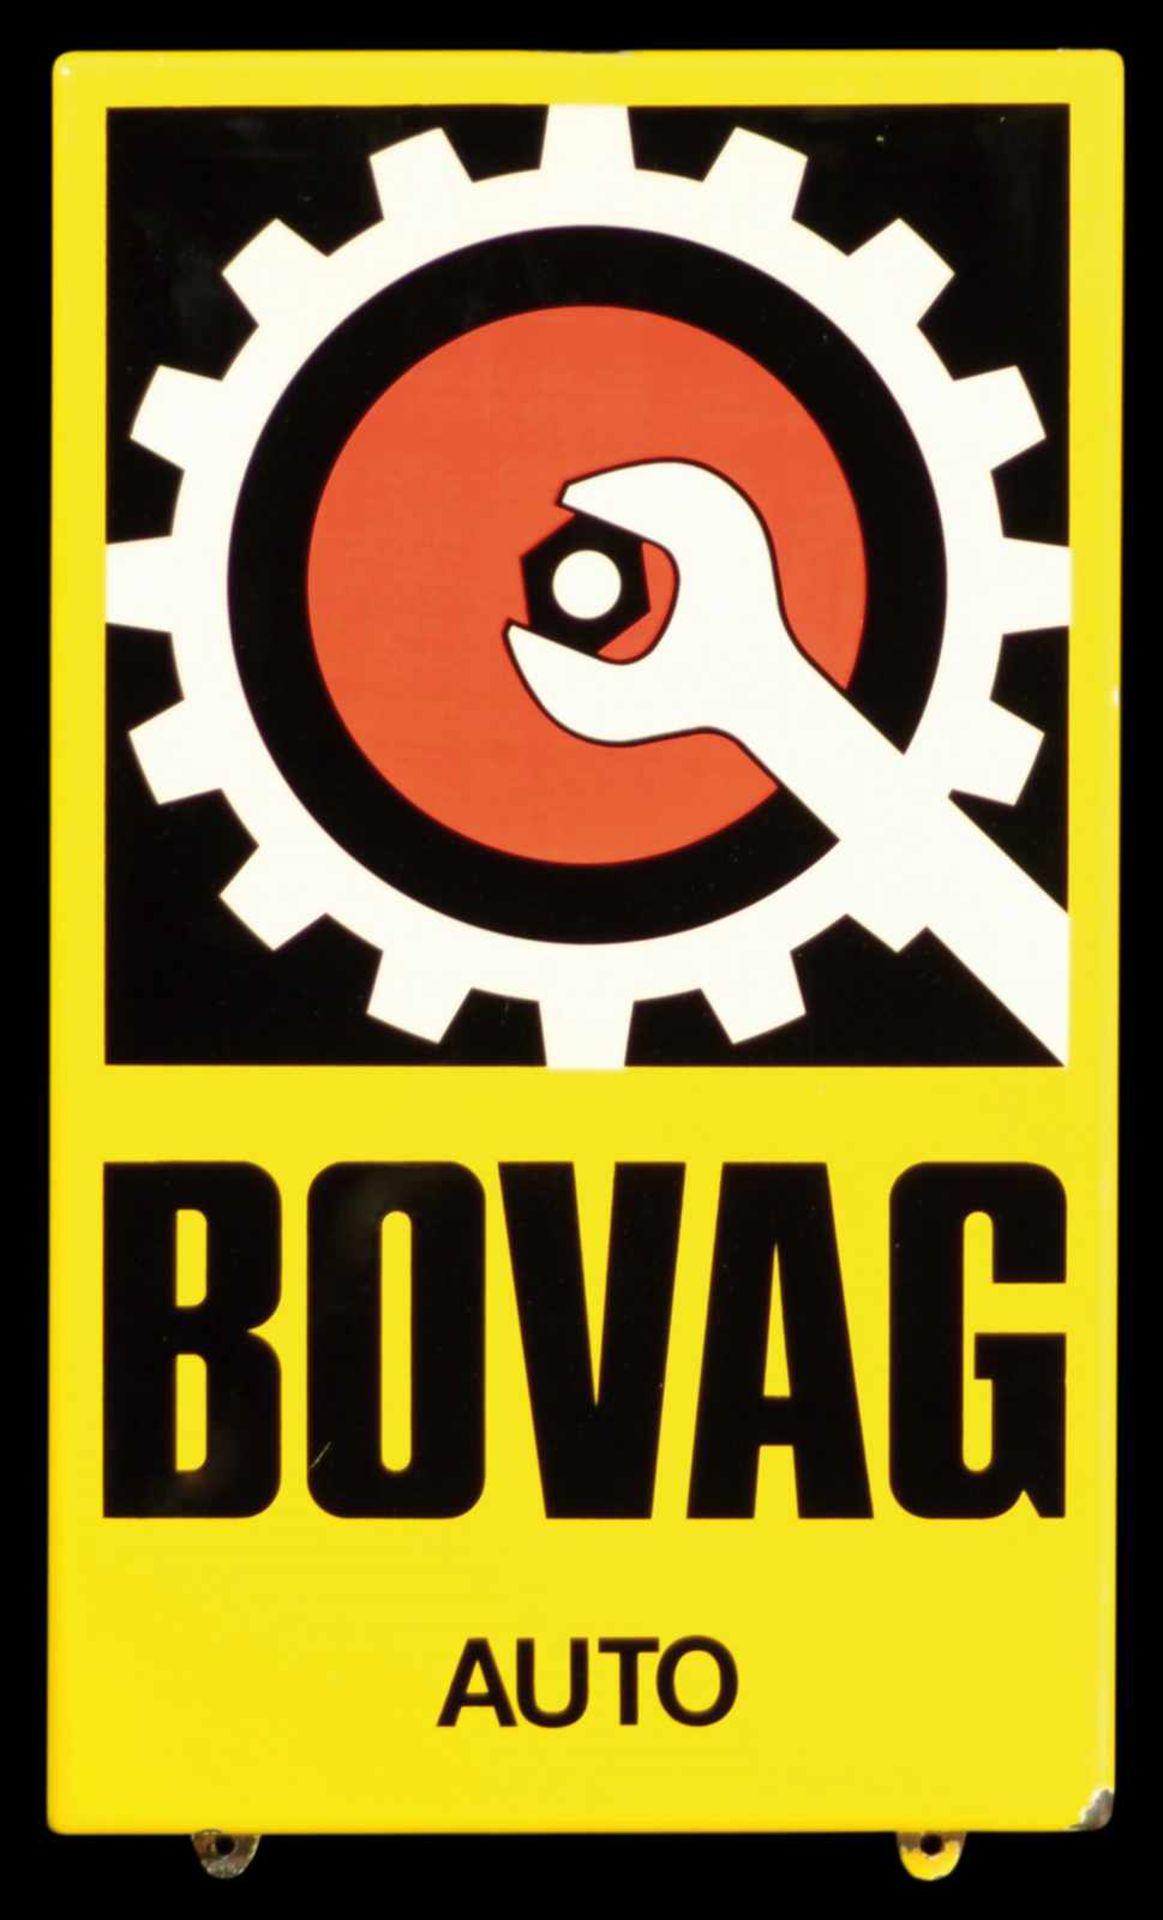 BOVAG AUTO (1-) Emailschild, abgekantet, schabloniert, Niederlande um 1960, 30 x 50 cm Emaille